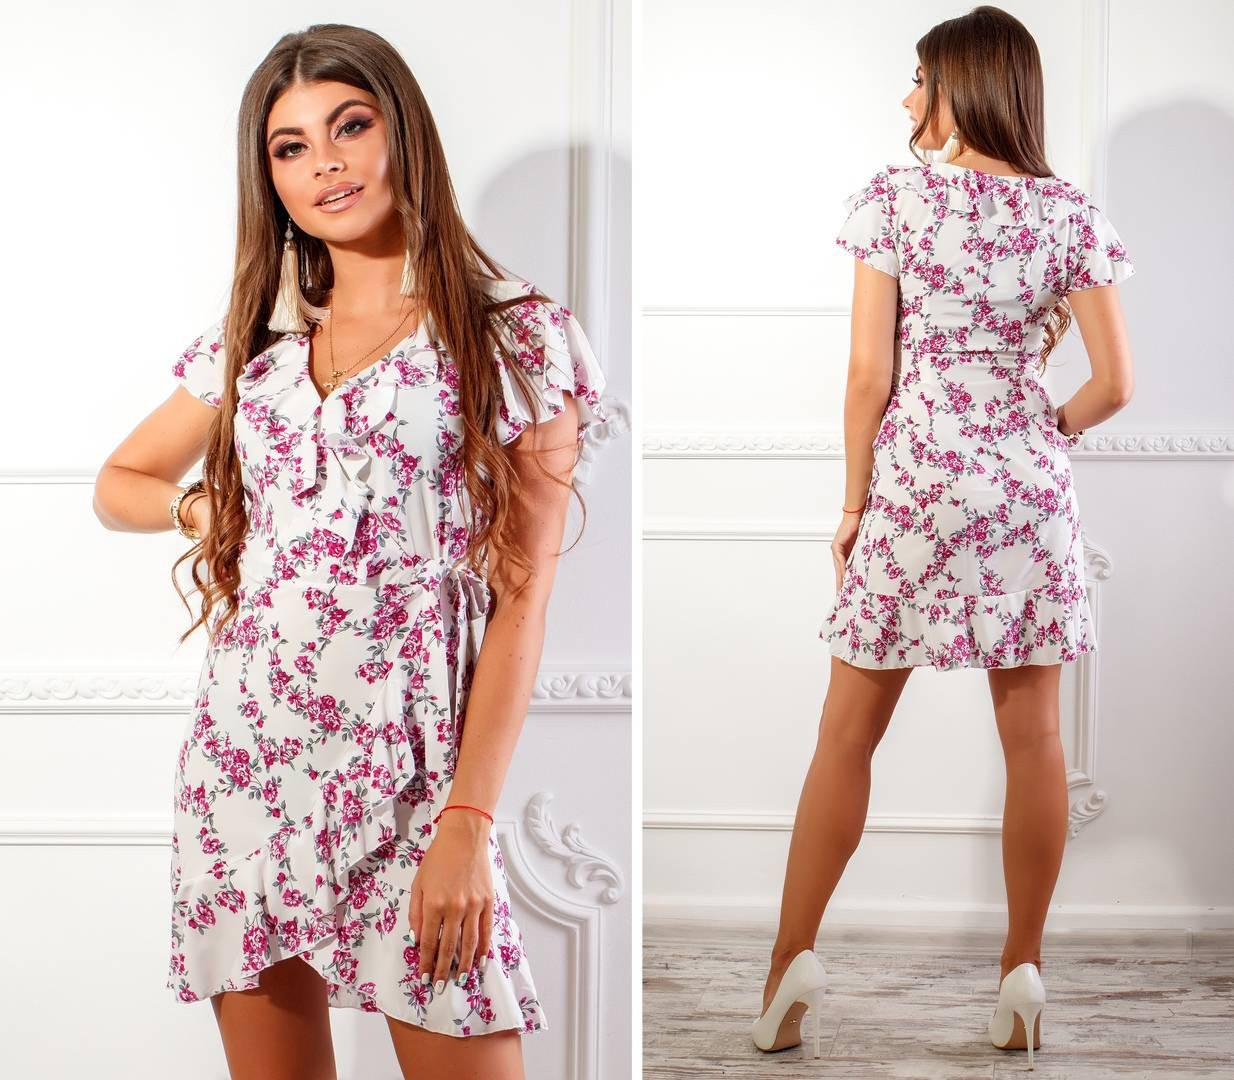 Платье летнее на запах с поясом, новинка 2018, модель 115, принт - фолетовый мелкий цветок